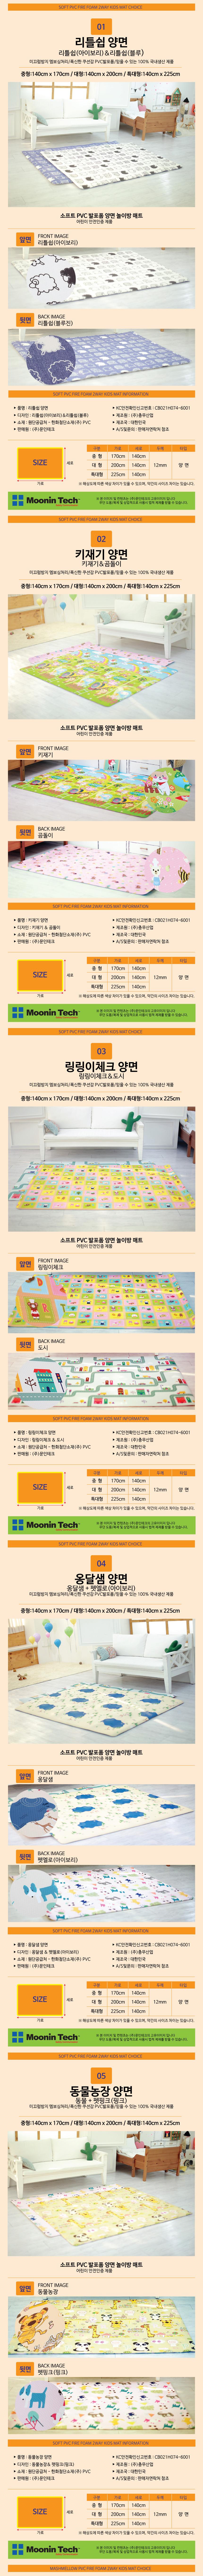 소프트 PVC 발포폼 놀이방매트 - 문인테크, 107,000원, 위생/안전용품, 안전용품